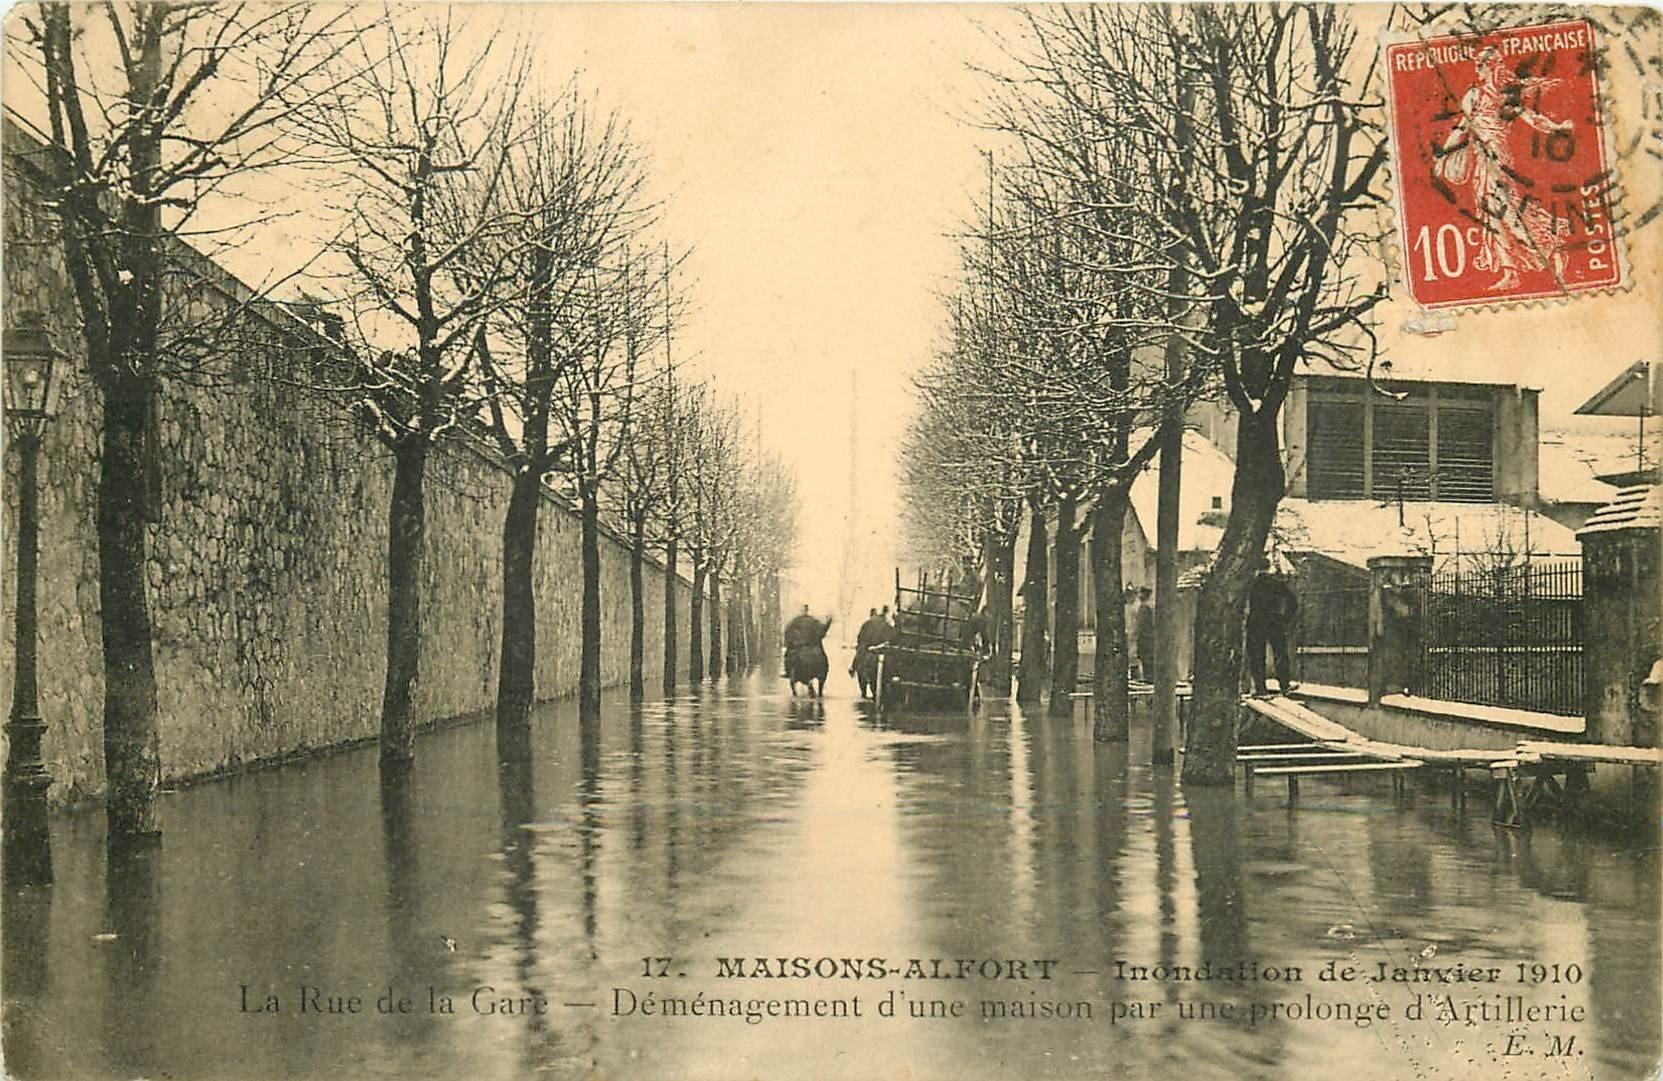 94 MAISONS-ALFORT. Déménagement d'une maison par l'Artillerie rue de la Gare. Inondation 1910